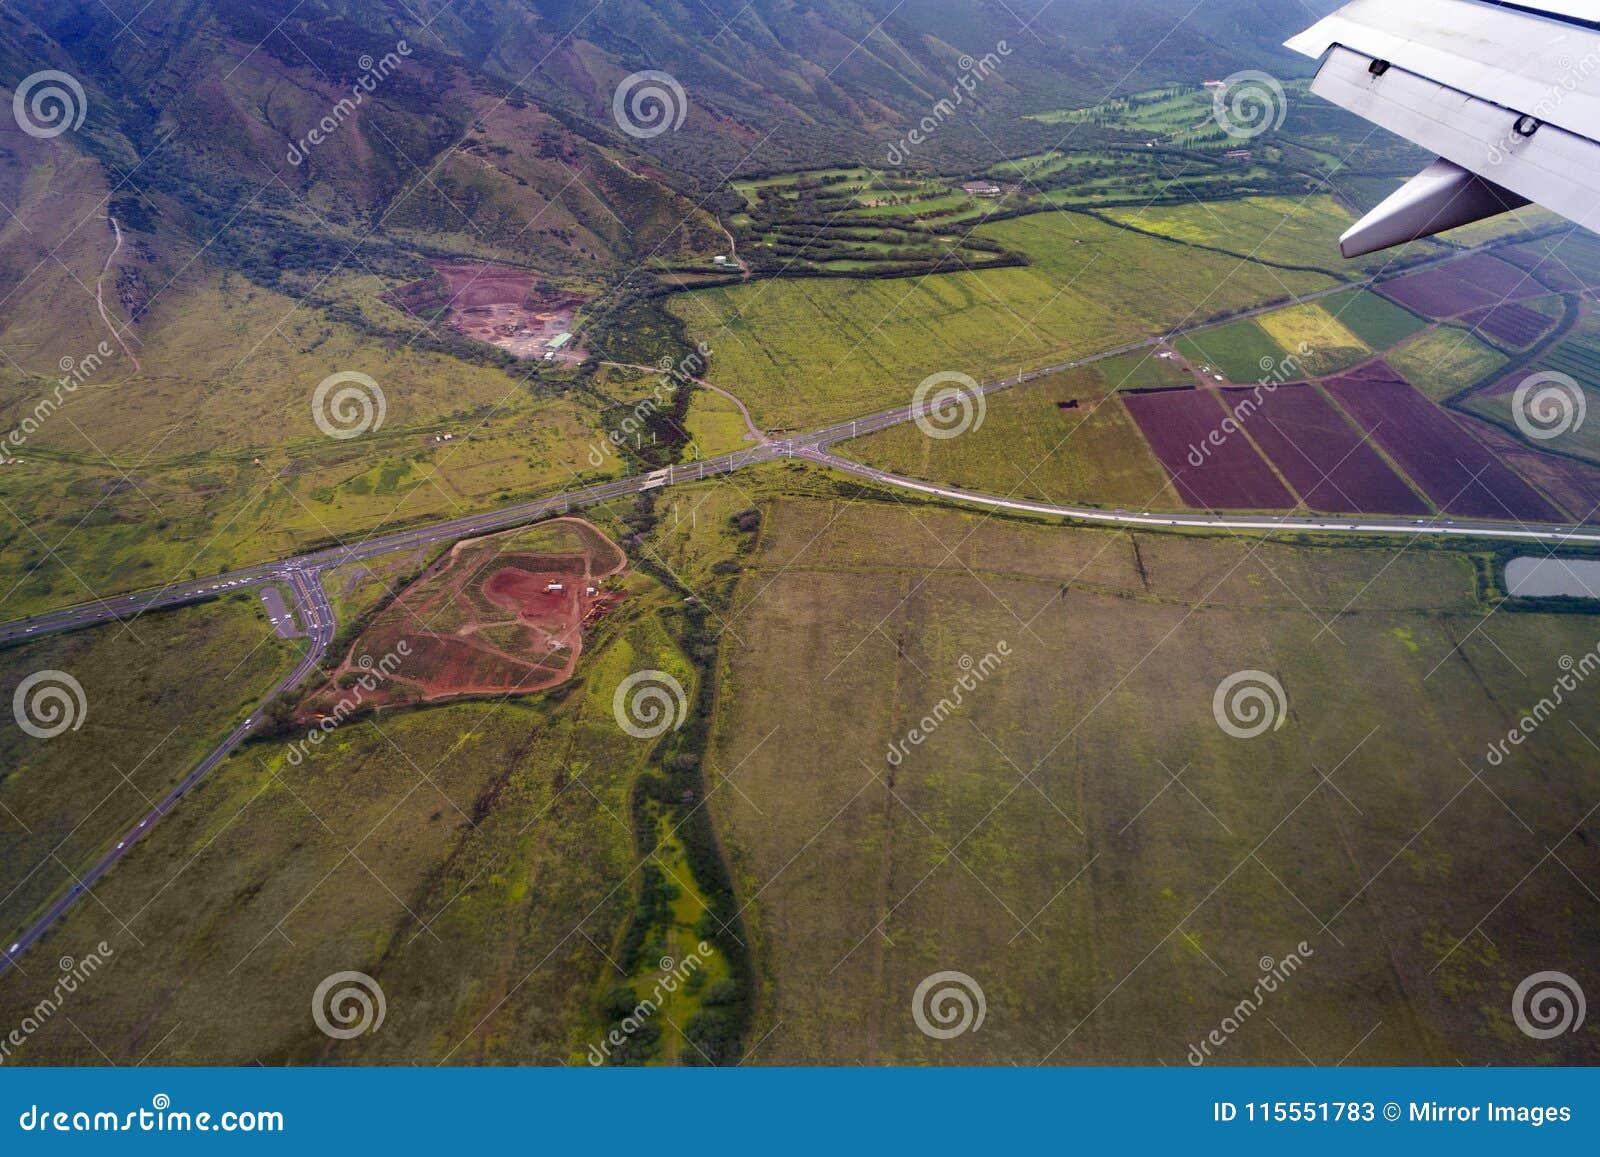 Υψηλή άποψη ματιών πουλιών γωνίας του envirament λόφων βουνών raods και